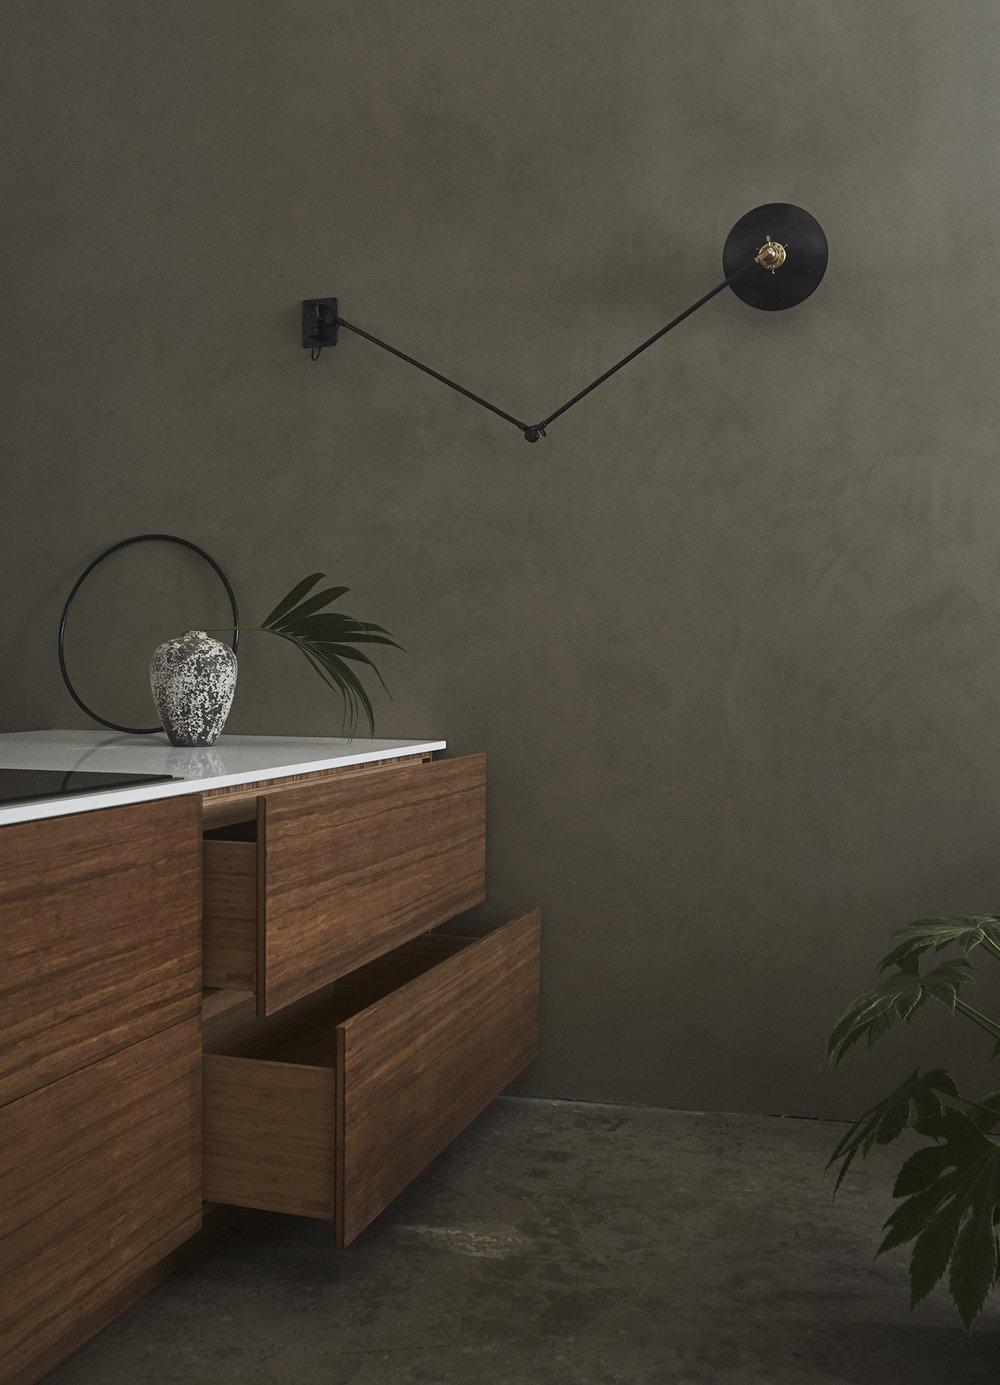 Bamboo kitchen - ask og eng